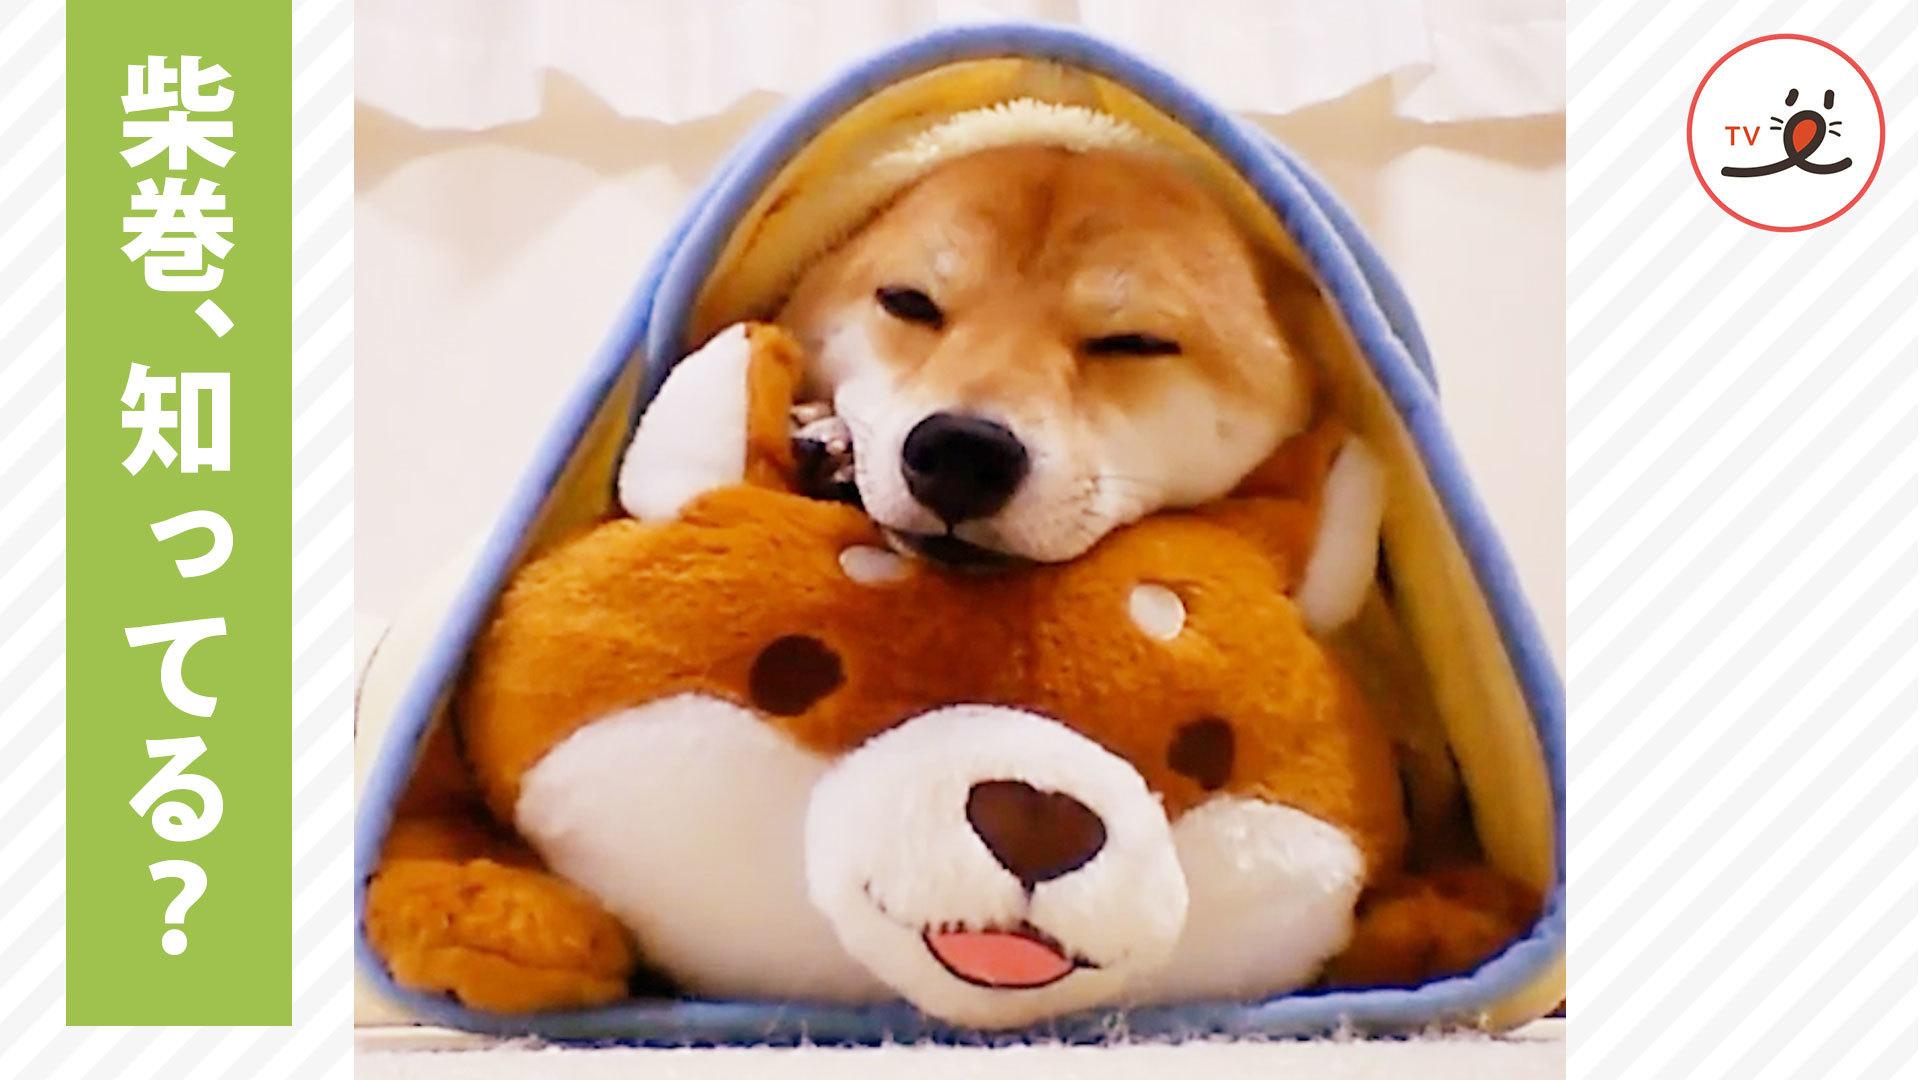 ぬいぐるみと毛布であら簡単! 柴犬ちゃんの柴巻🐾